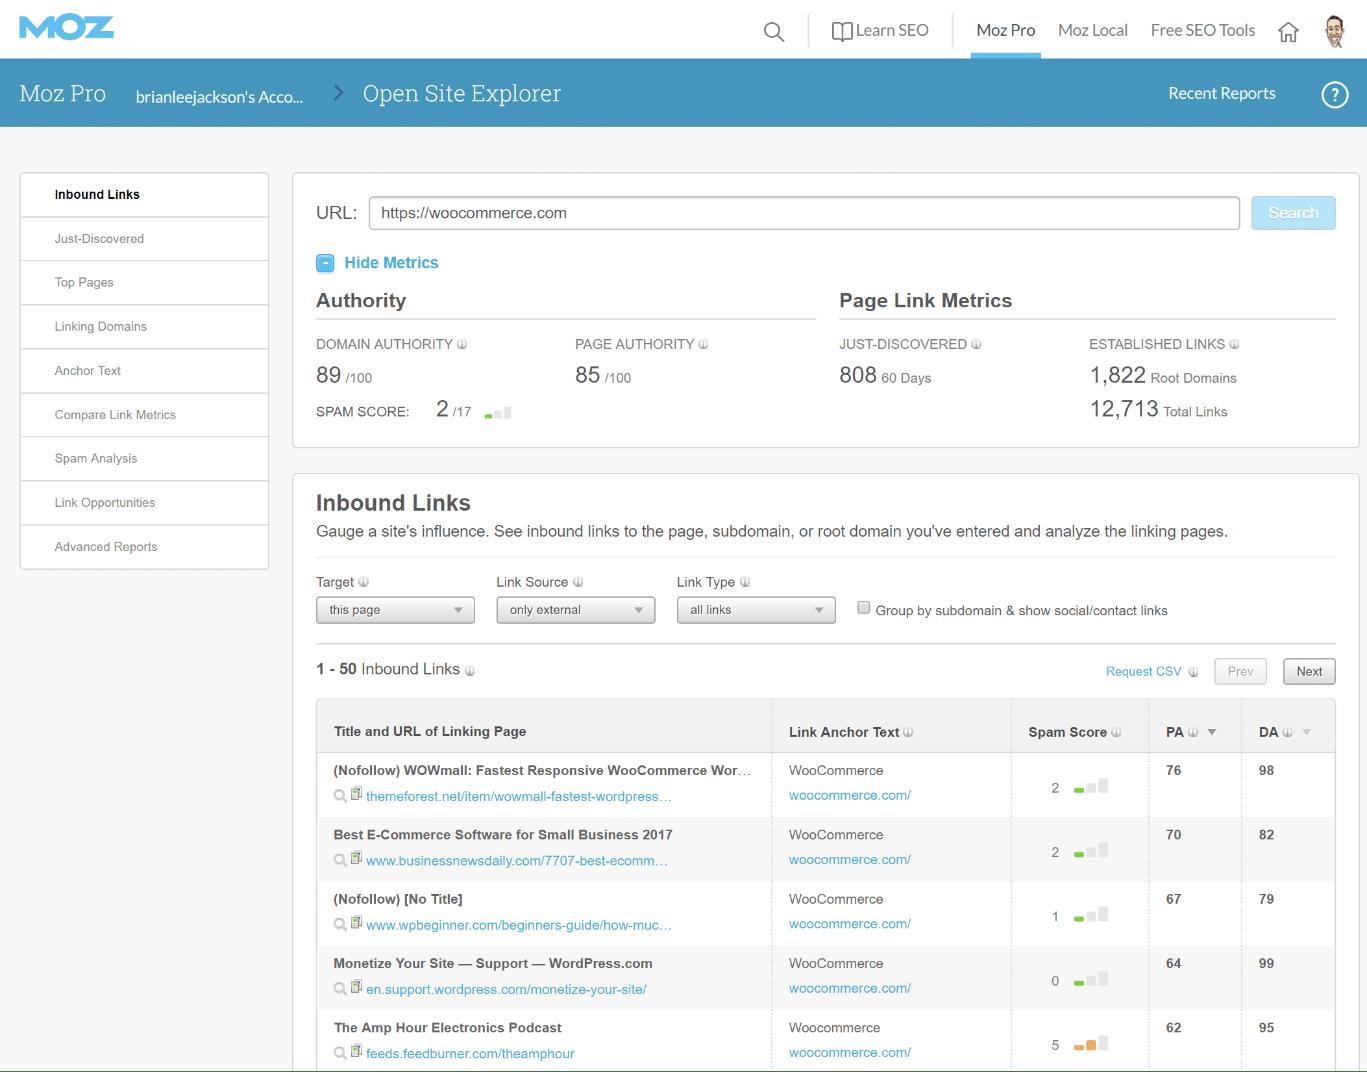 Moz Open Site Explorer værktøj